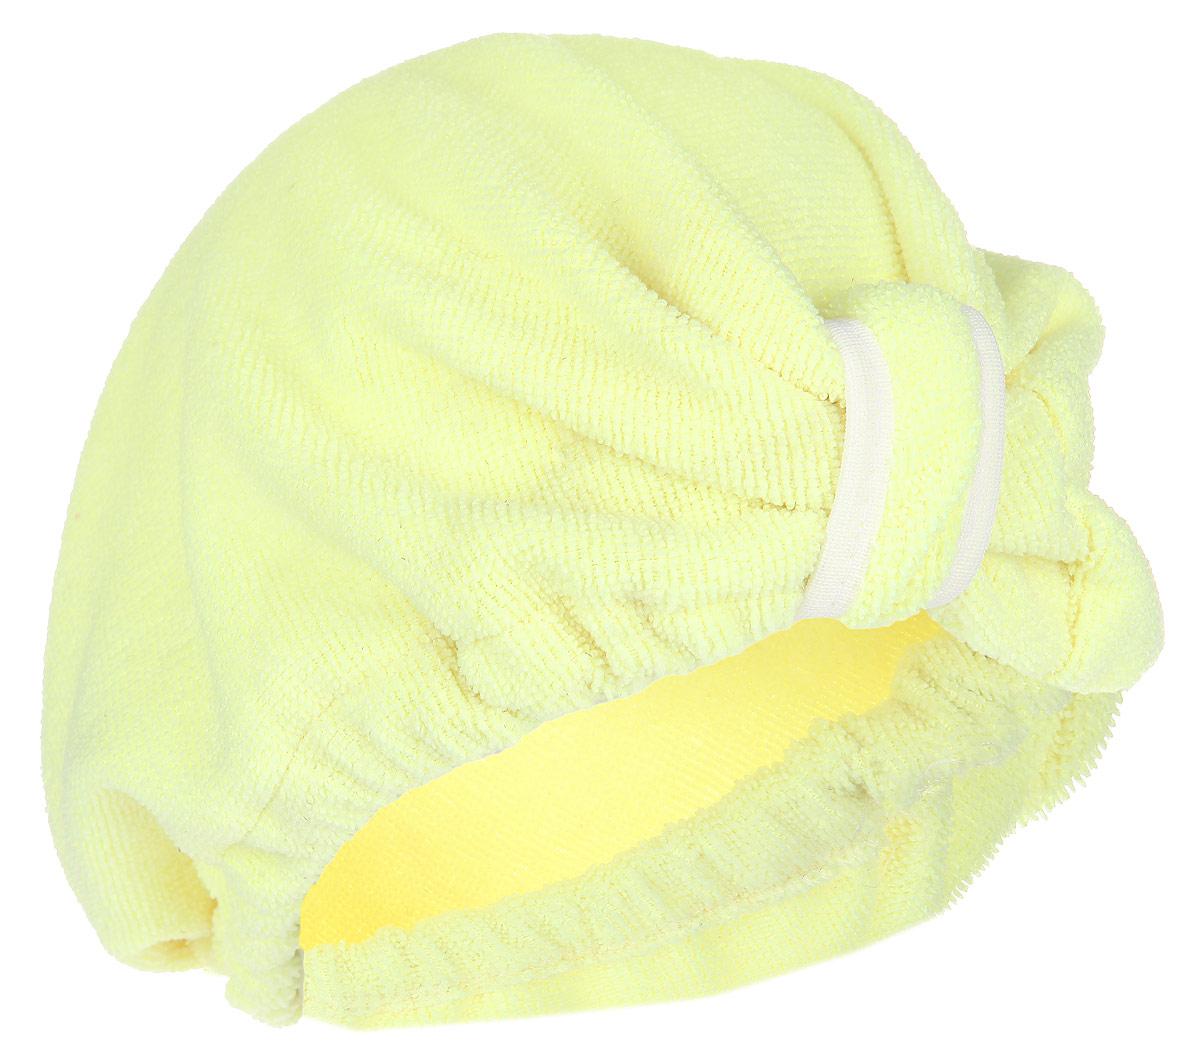 Чалма для сушки волос Главбаня, цвет: желтыйБ90_желтыйЧалма Главбаня выполнена из микрофибры. Обеспечивает щадящую и комфортную сушку волос после мытья, держится и выглядит лучше обычного полотенца. Чалма также может использоваться при нанесении макияжа и косметических процедурах, для защиты волос в сауне. Прекрасно впитывает влагу и подходит для волос любой длины. Чалма Главбаня пригодится вам не только дома, но и в поездке, на даче, после занятий спортом. Максимальный обхват головы: 68 см.